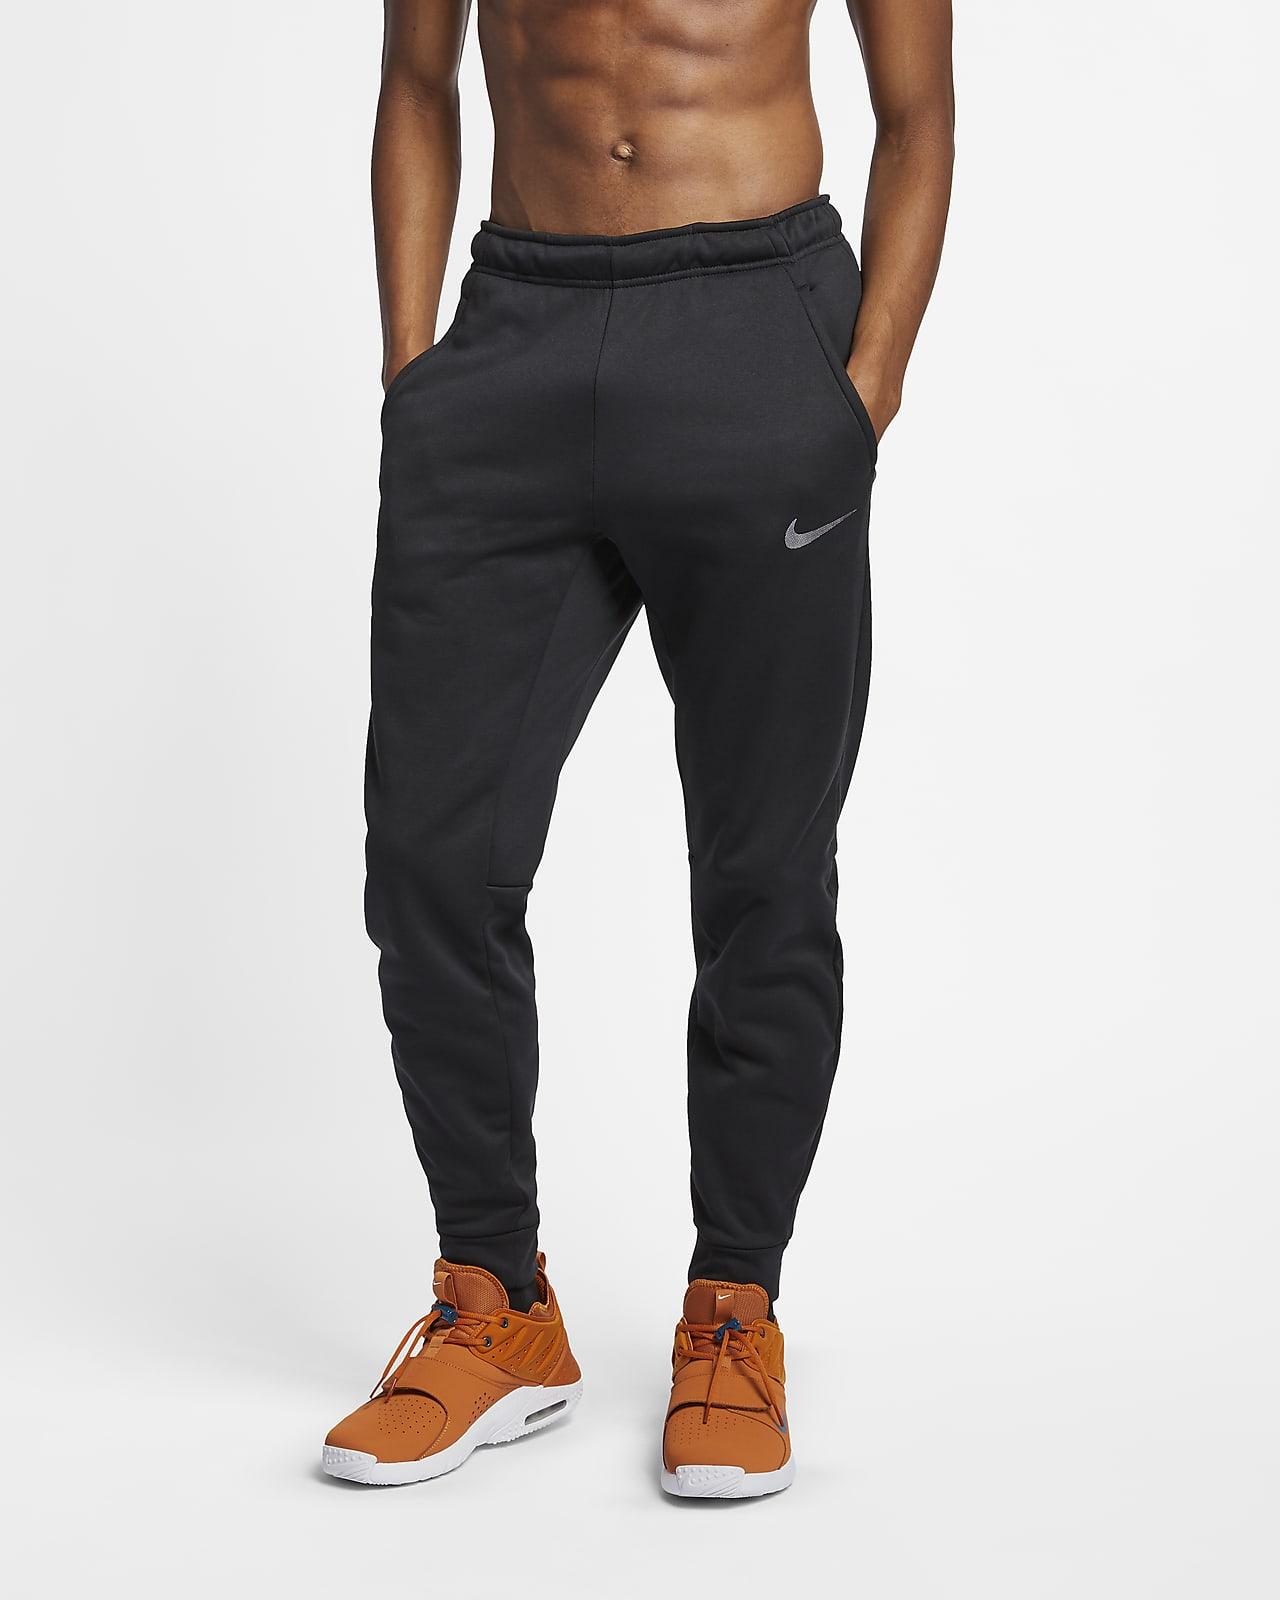 Nike Therma-FIT Bileğe Doğru Daralan Erkek Antrenman Eşofman Altı